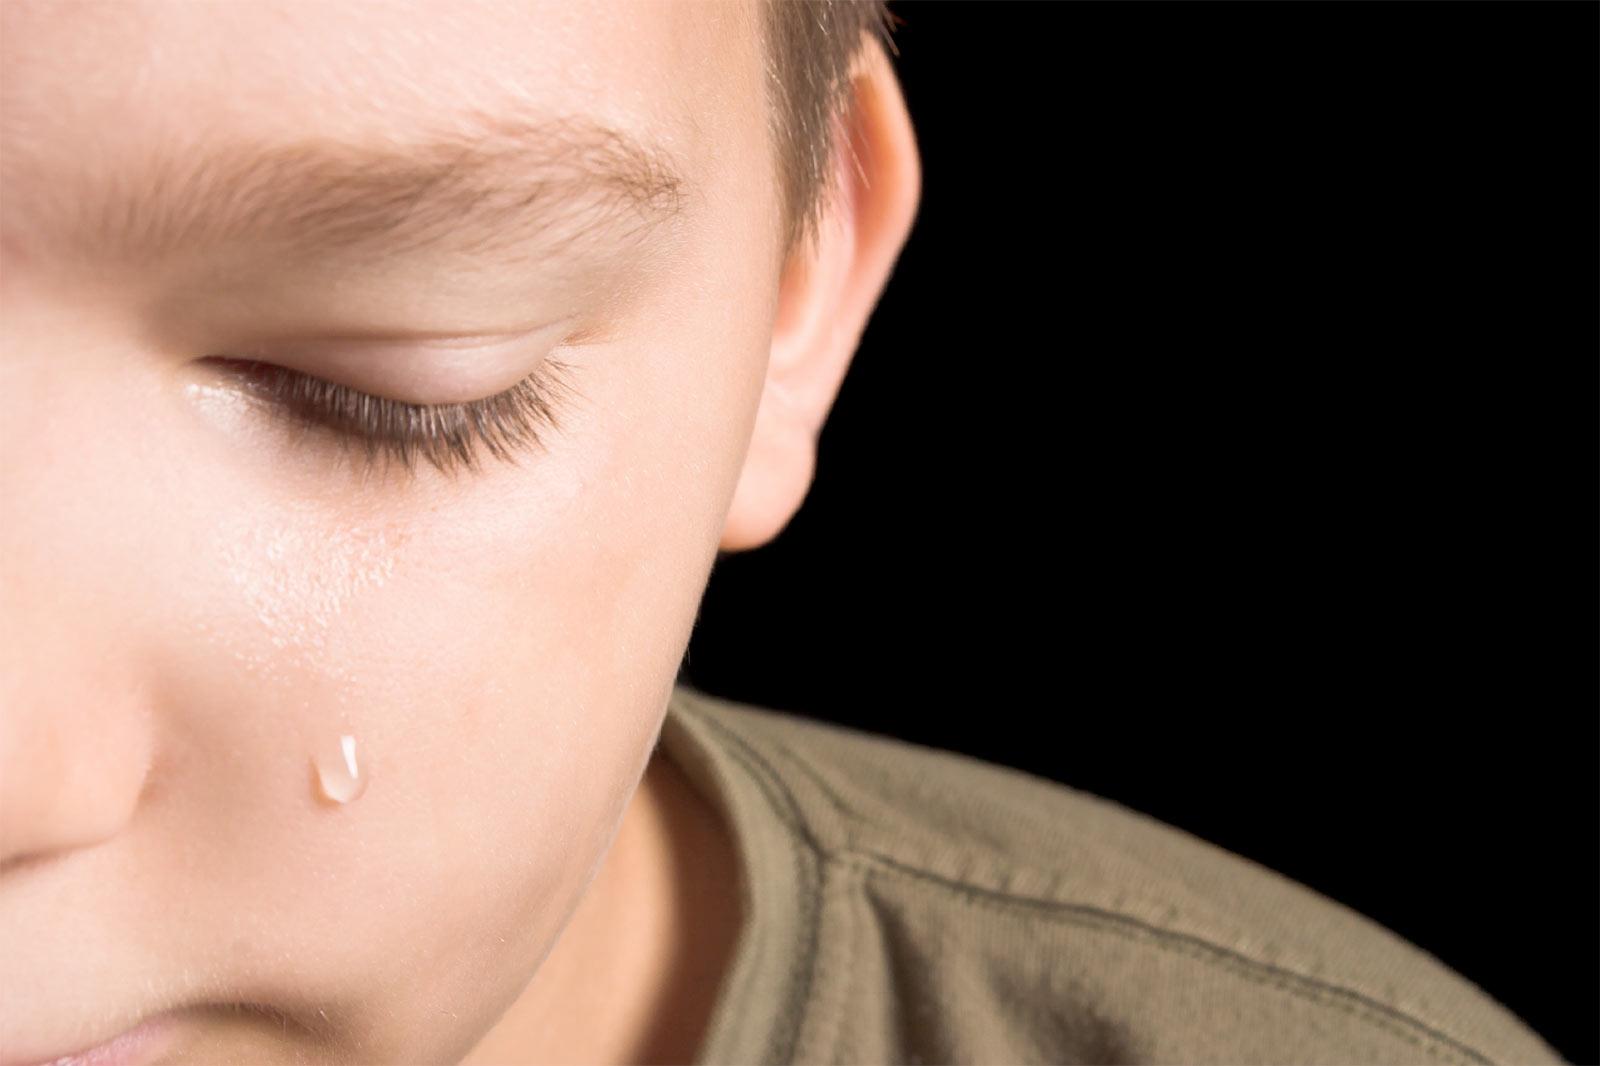 Села на лицо мальчику рассказ 7 фотография